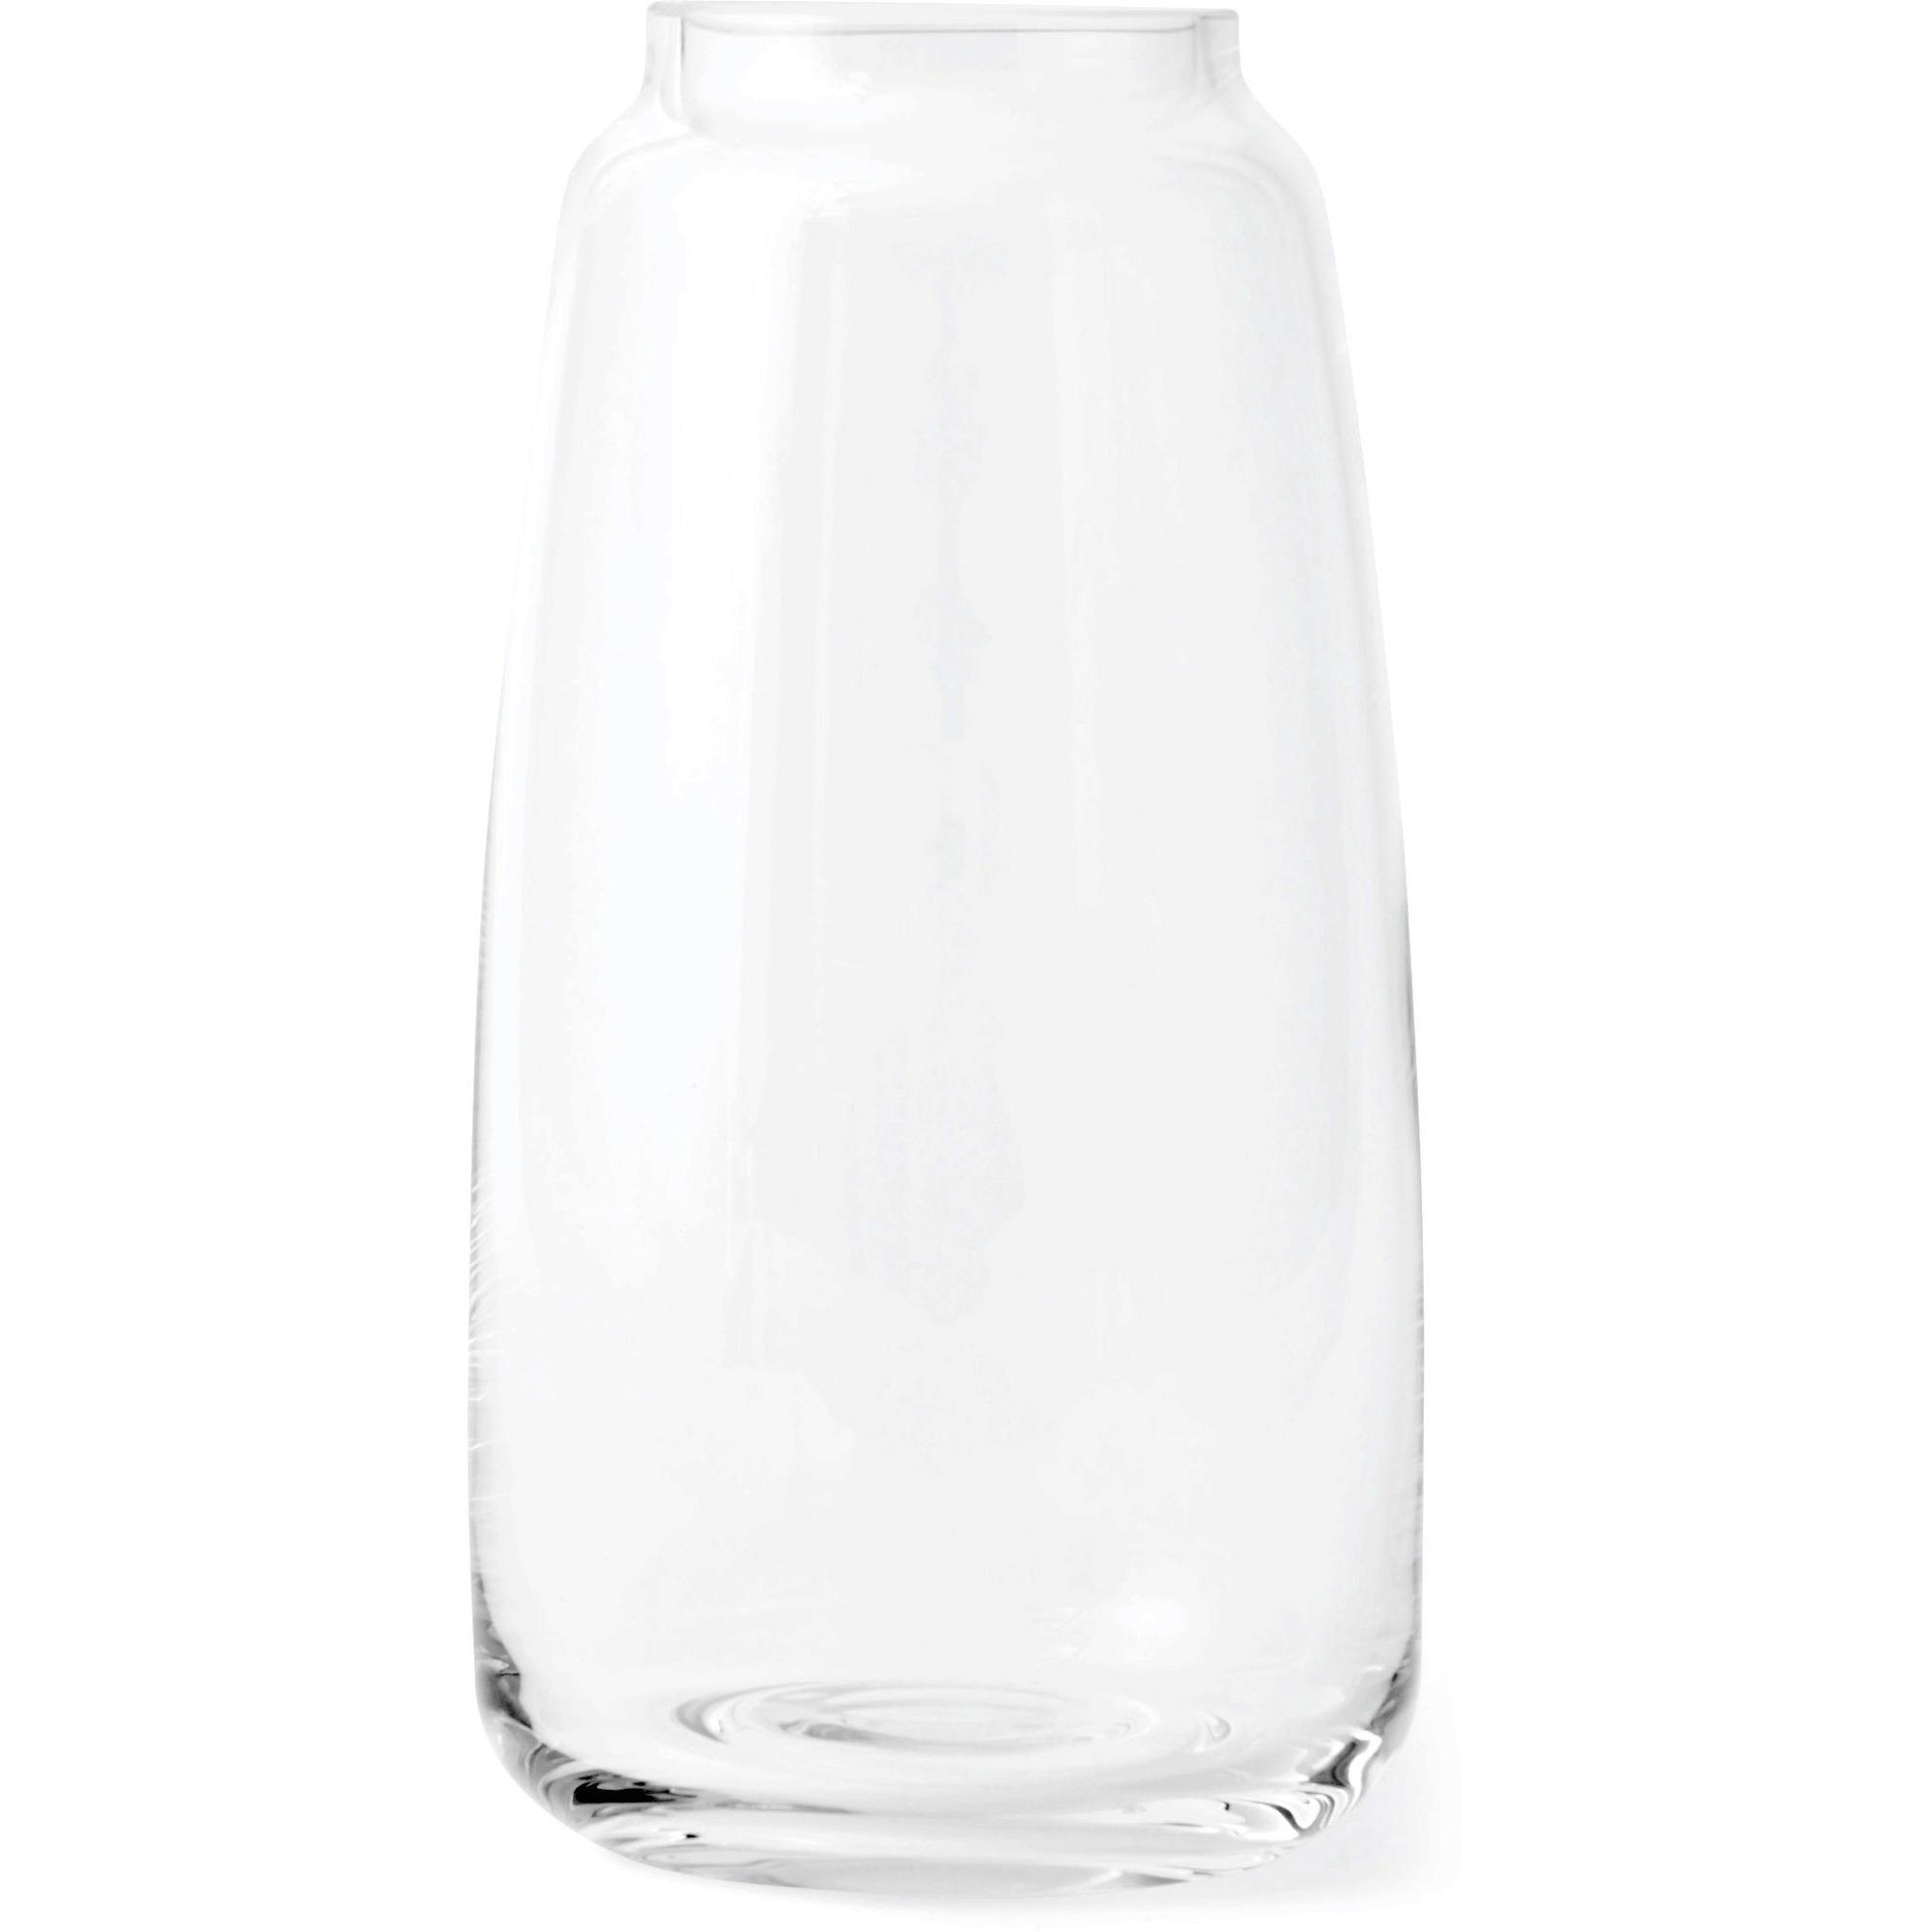 Lyngby Porcelæn Form 130/3 vas